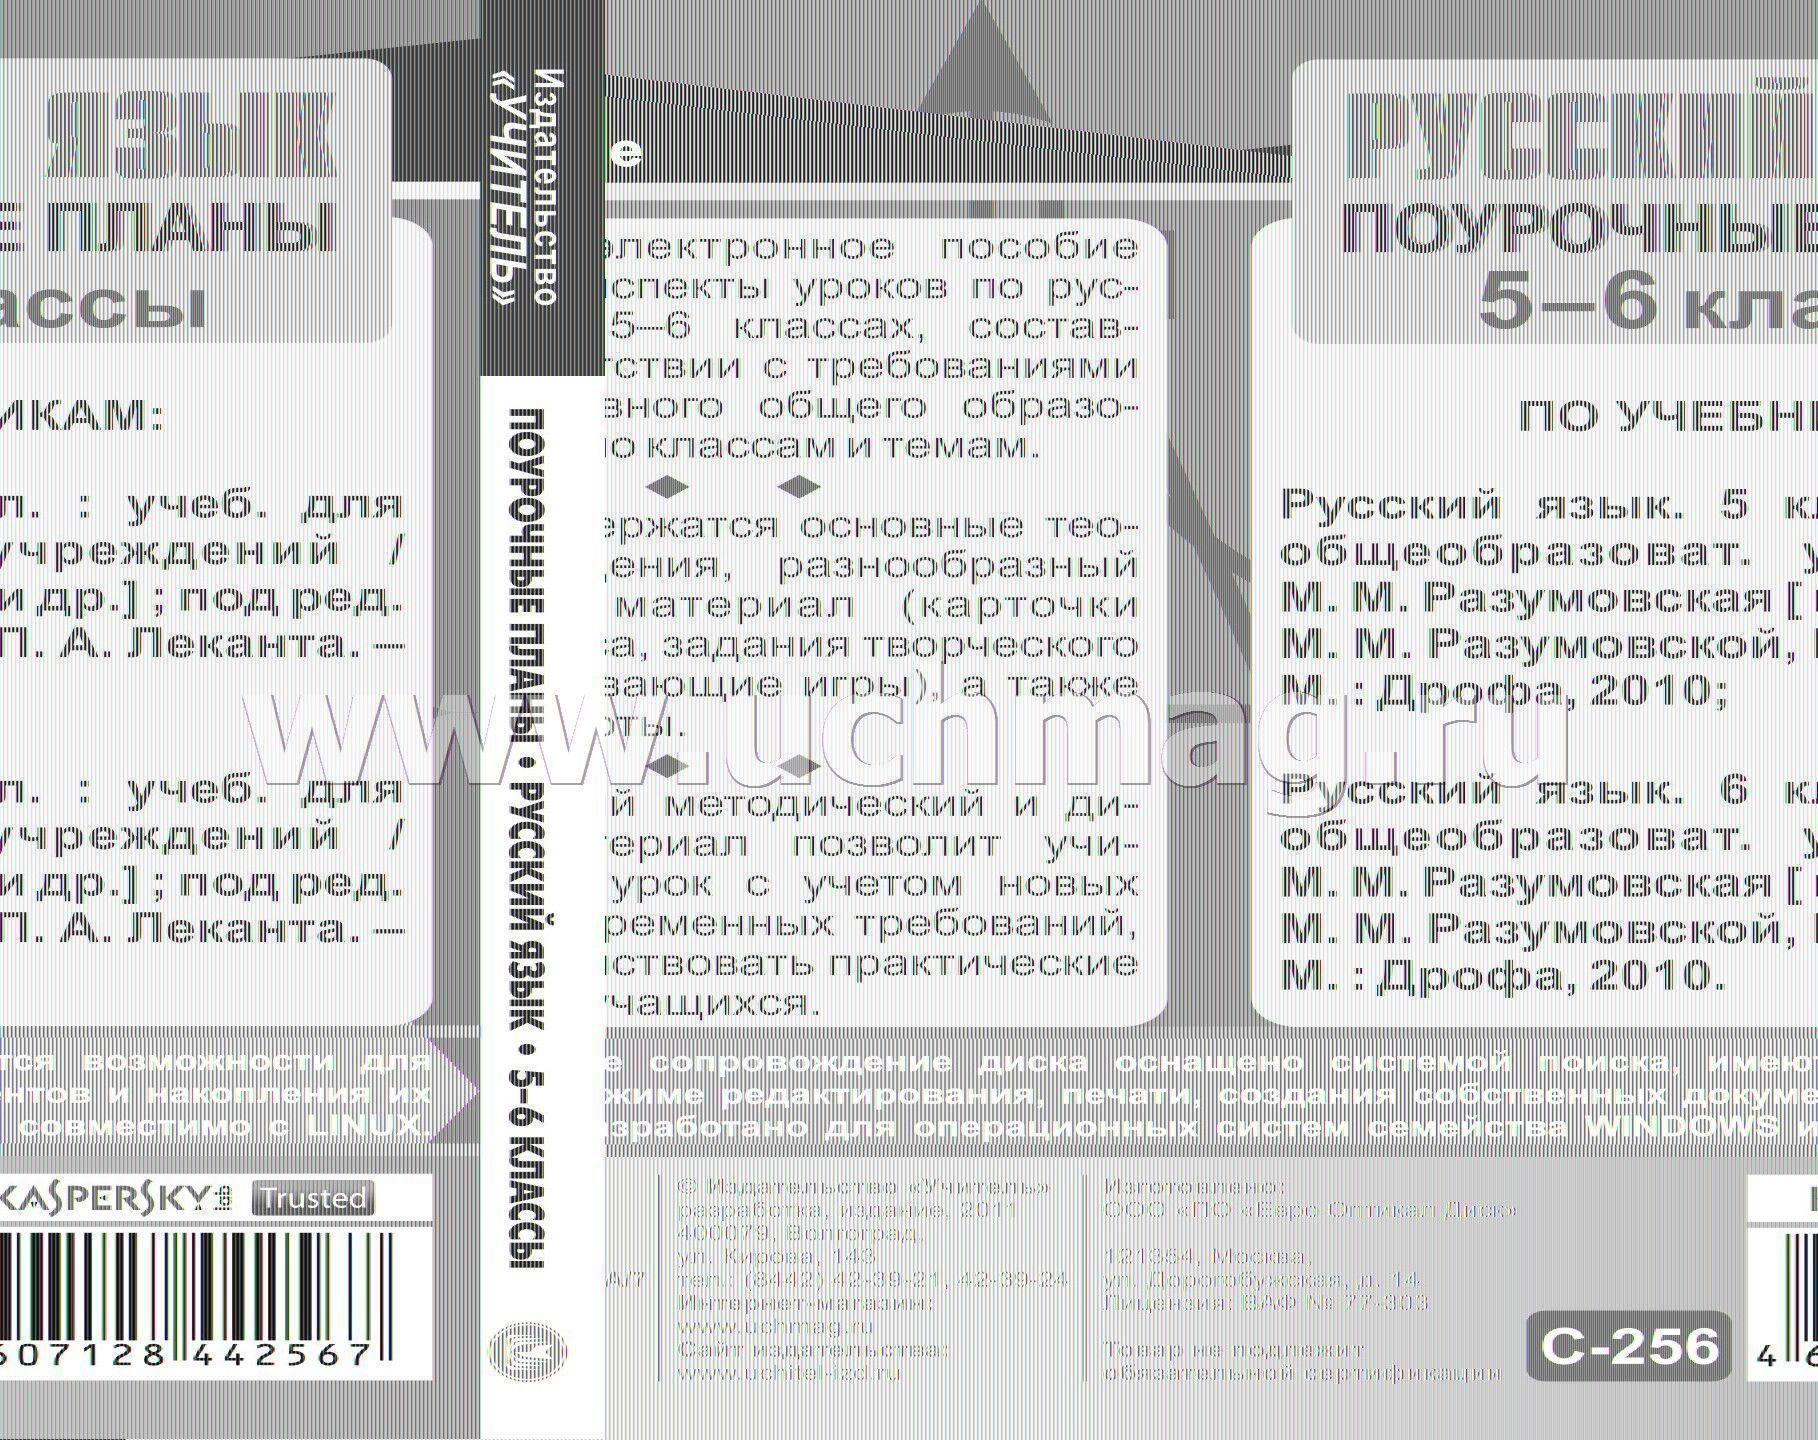 Списать русский язык 6 класс м.м разумовская и п а леканта